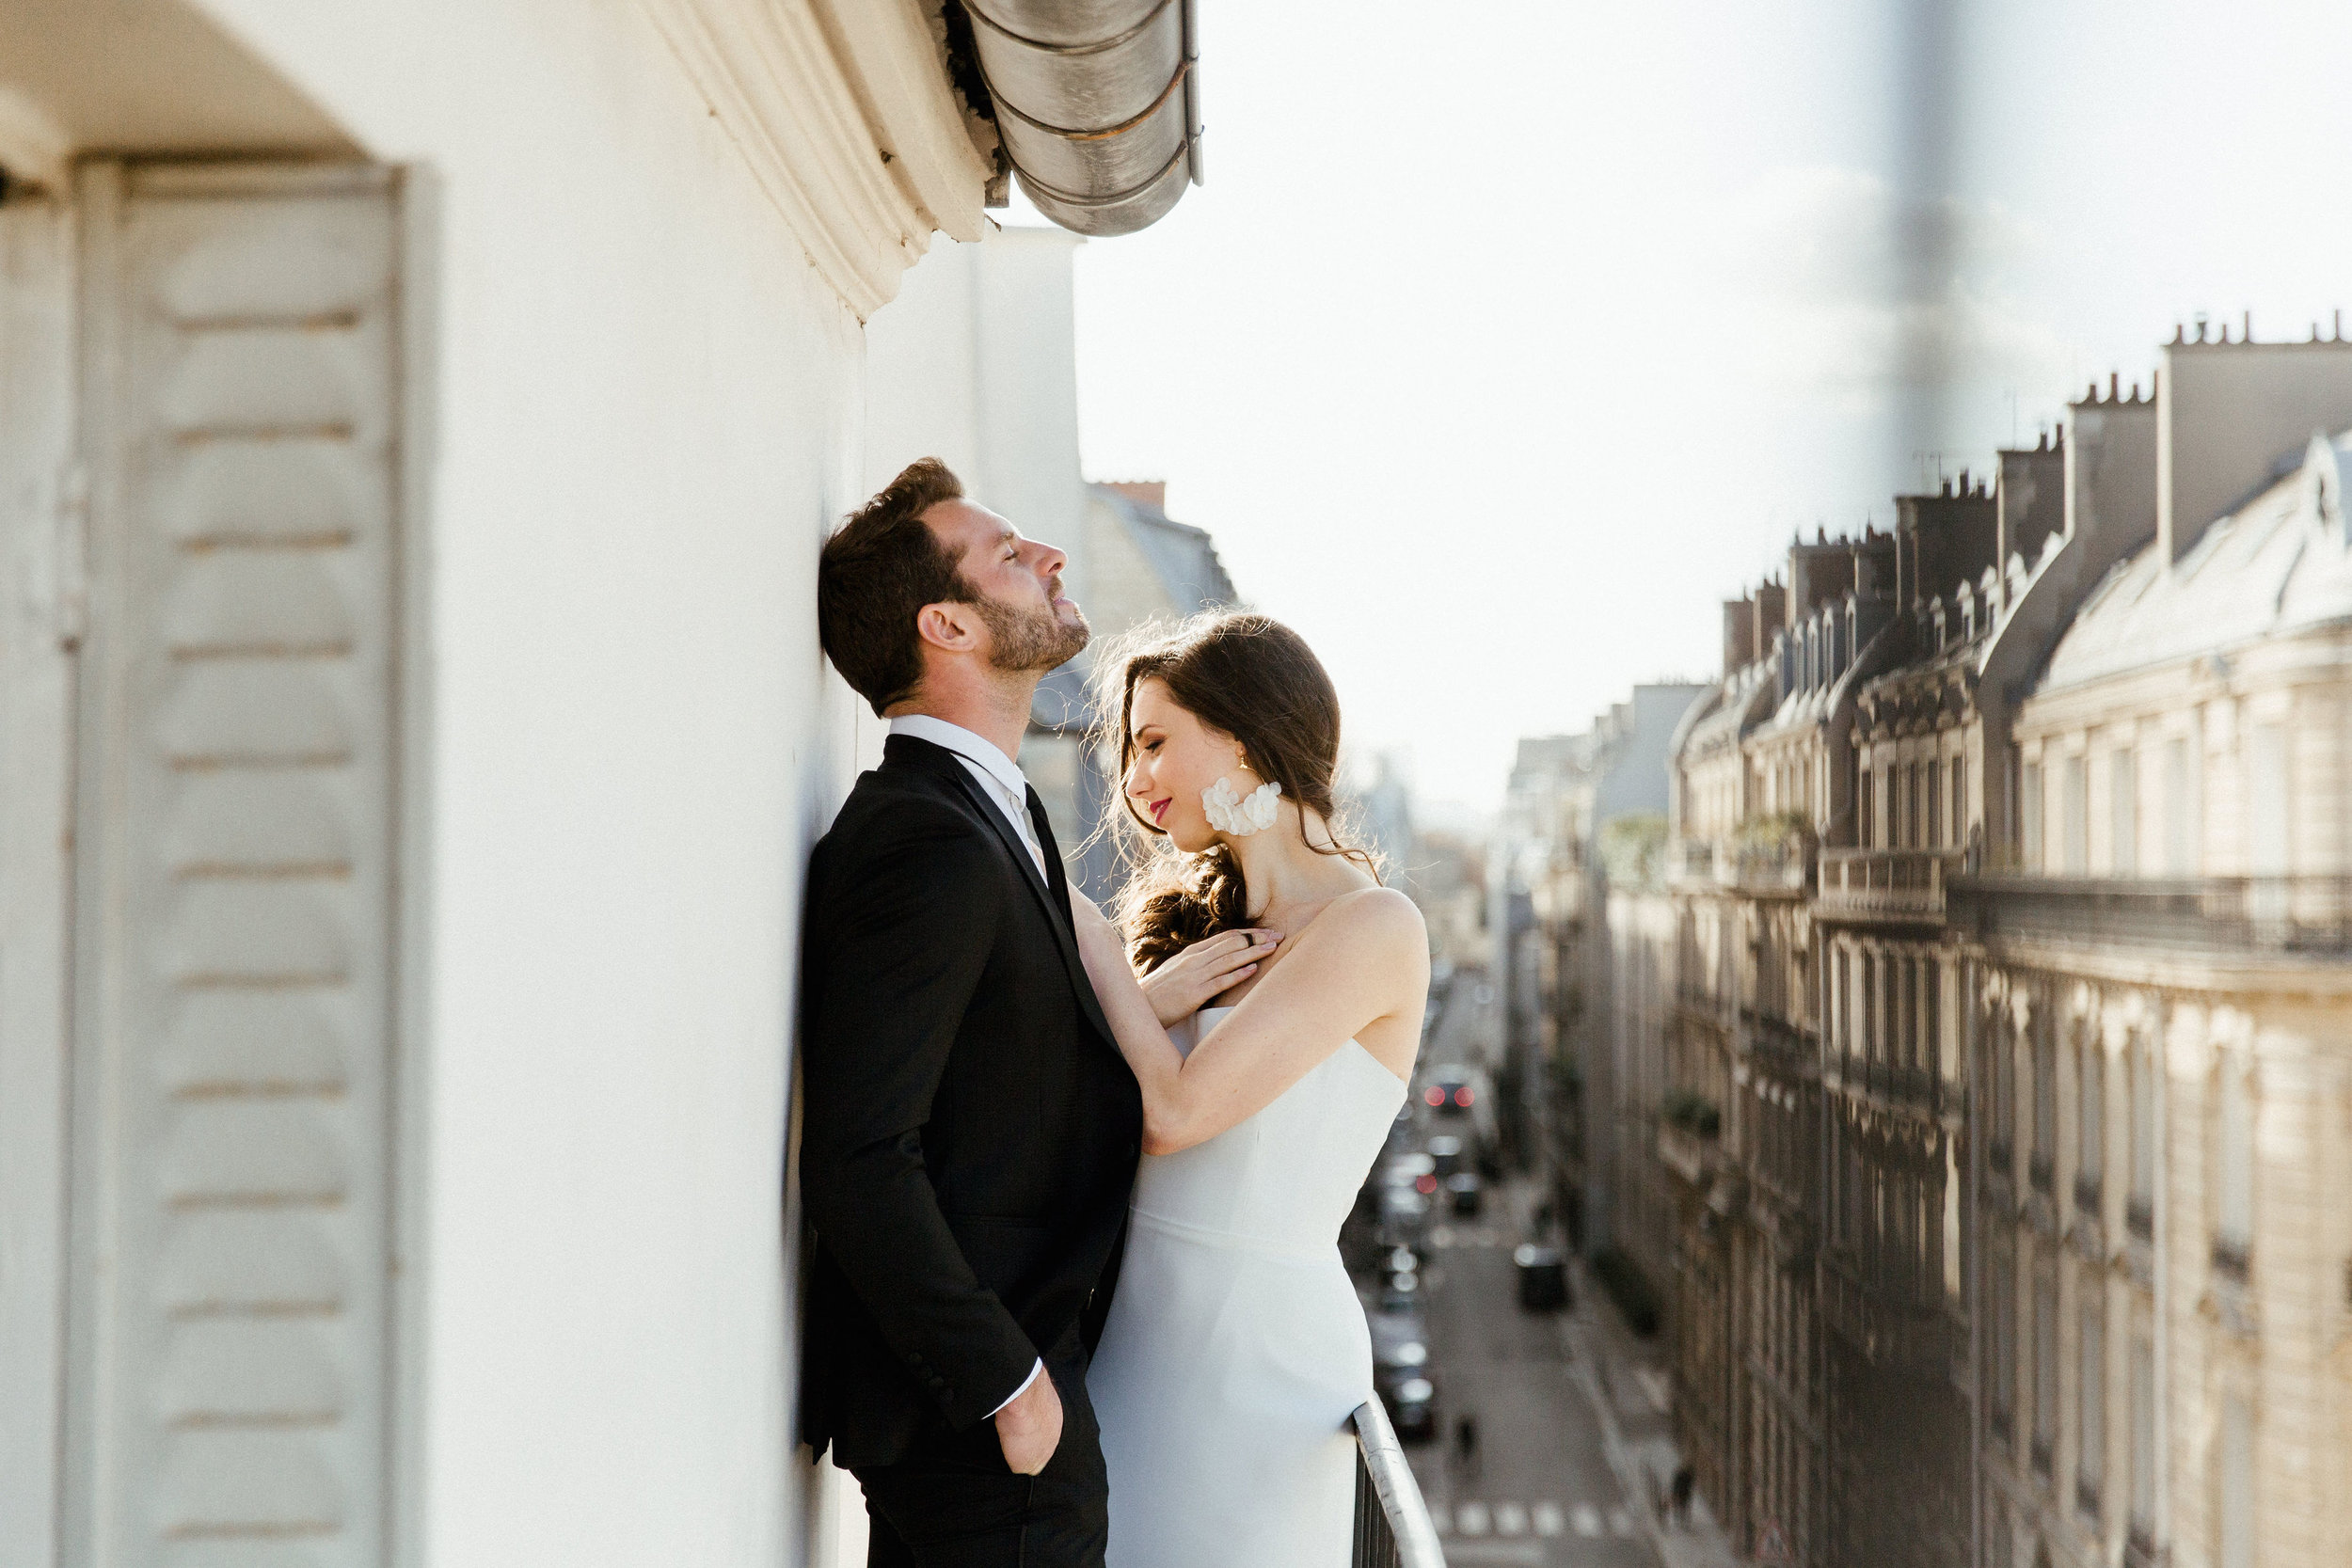 ElodieWinter_Brindle&Oak_Paris_StyledShoot-15.jpg